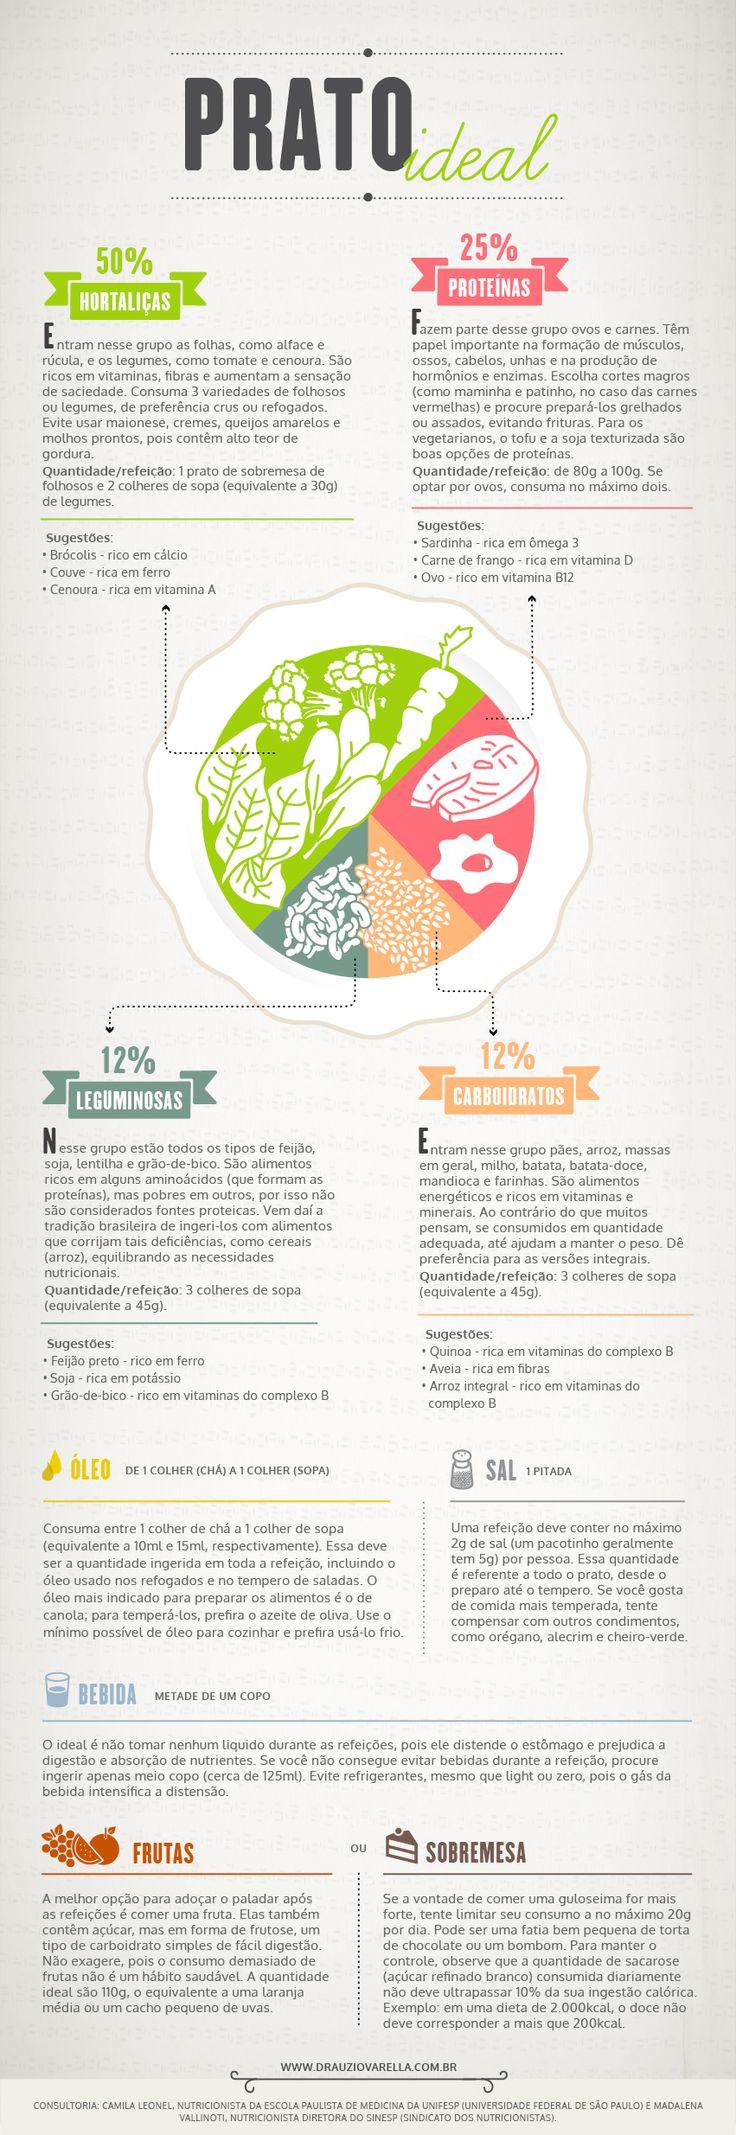 Do que constitui o prato ideal? Veja como montar um prato saudável e repleto de nutrientes